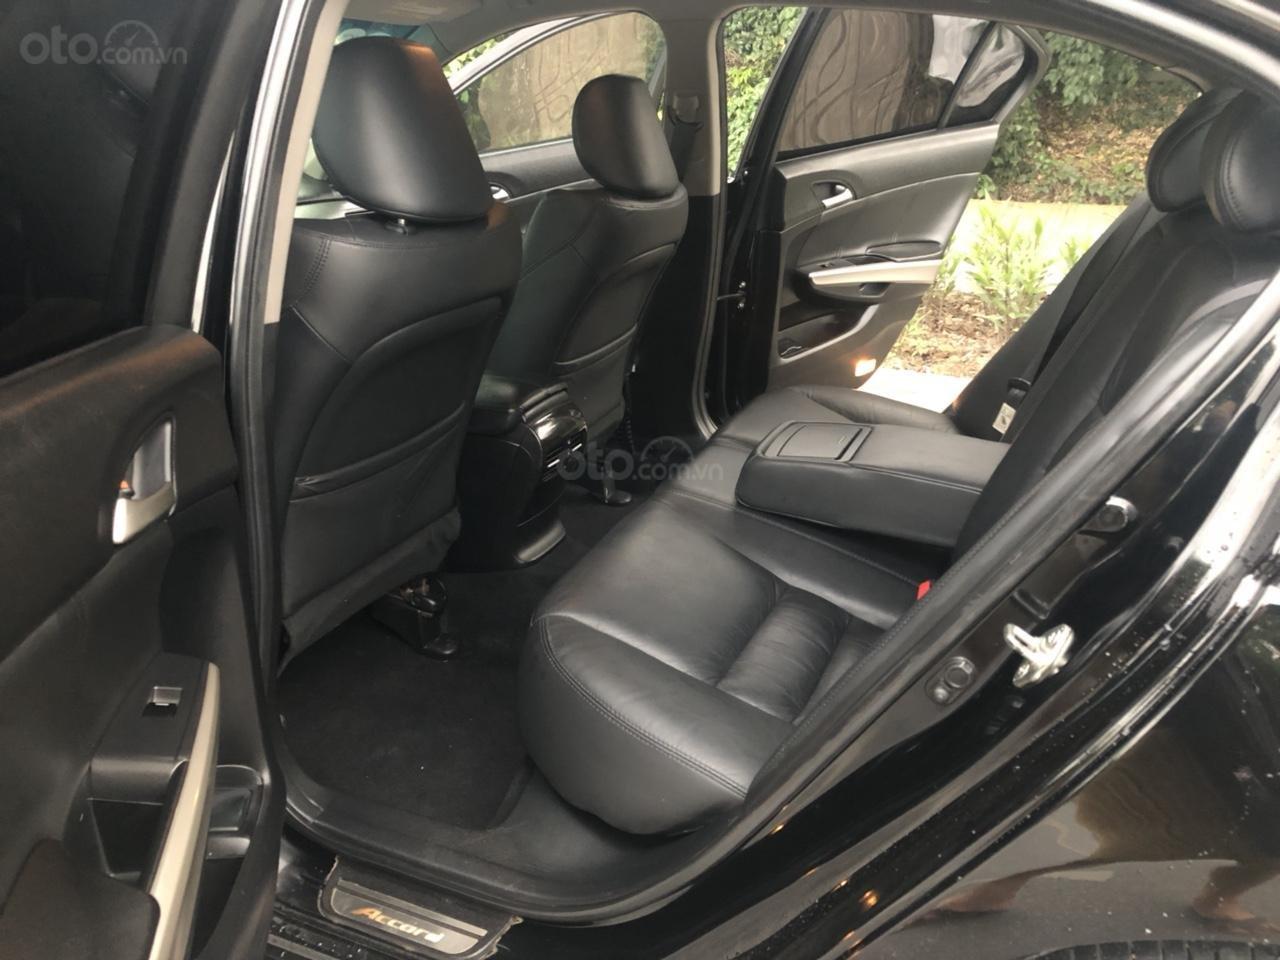 Bán ô tô Honda Accord 2.0 năm sản xuất 2010, màu đen, nhập khẩu nguyên chiếc (7)